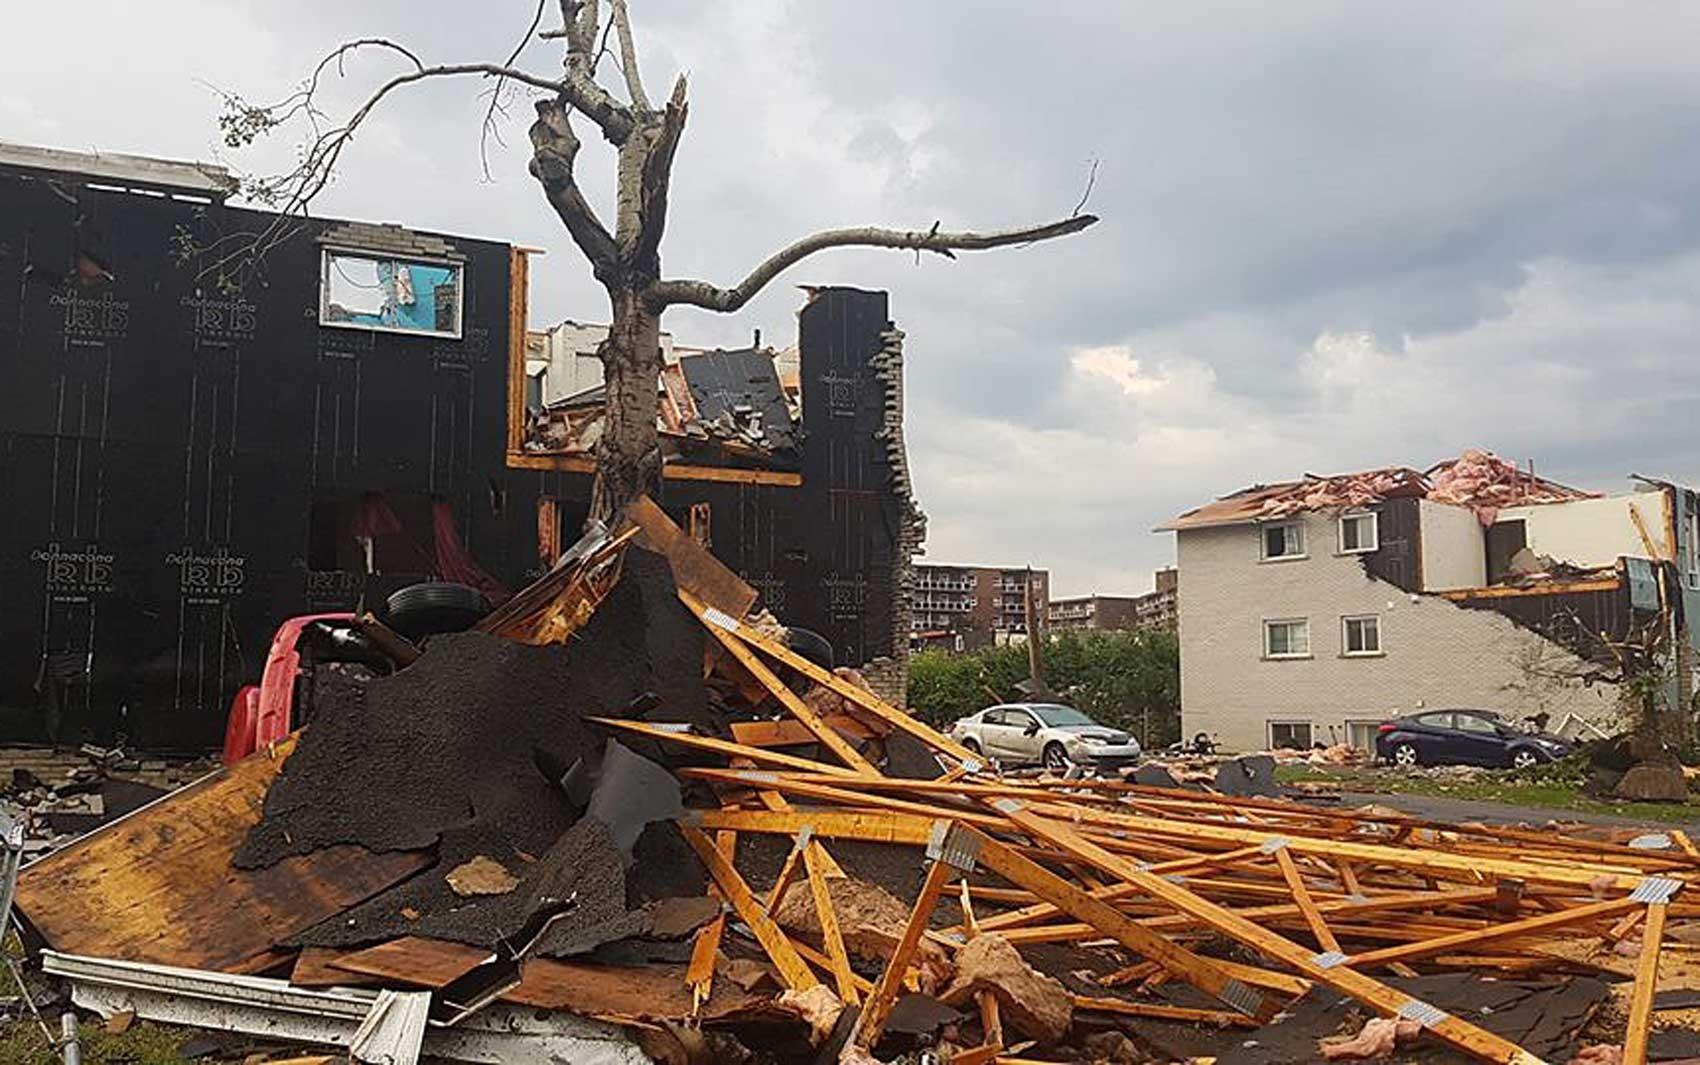 Tornado provoca graves danos na região de Ottawa e deixa feridos